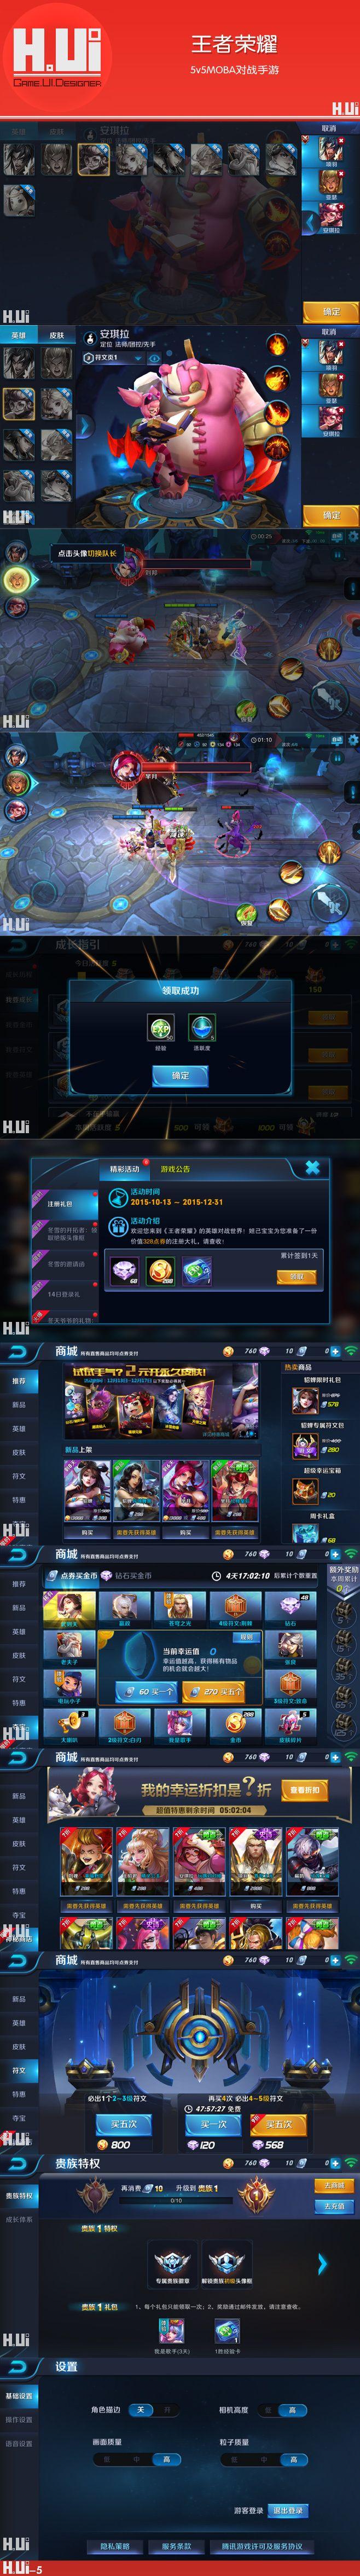 王者荣耀 手游 #游戏UI#